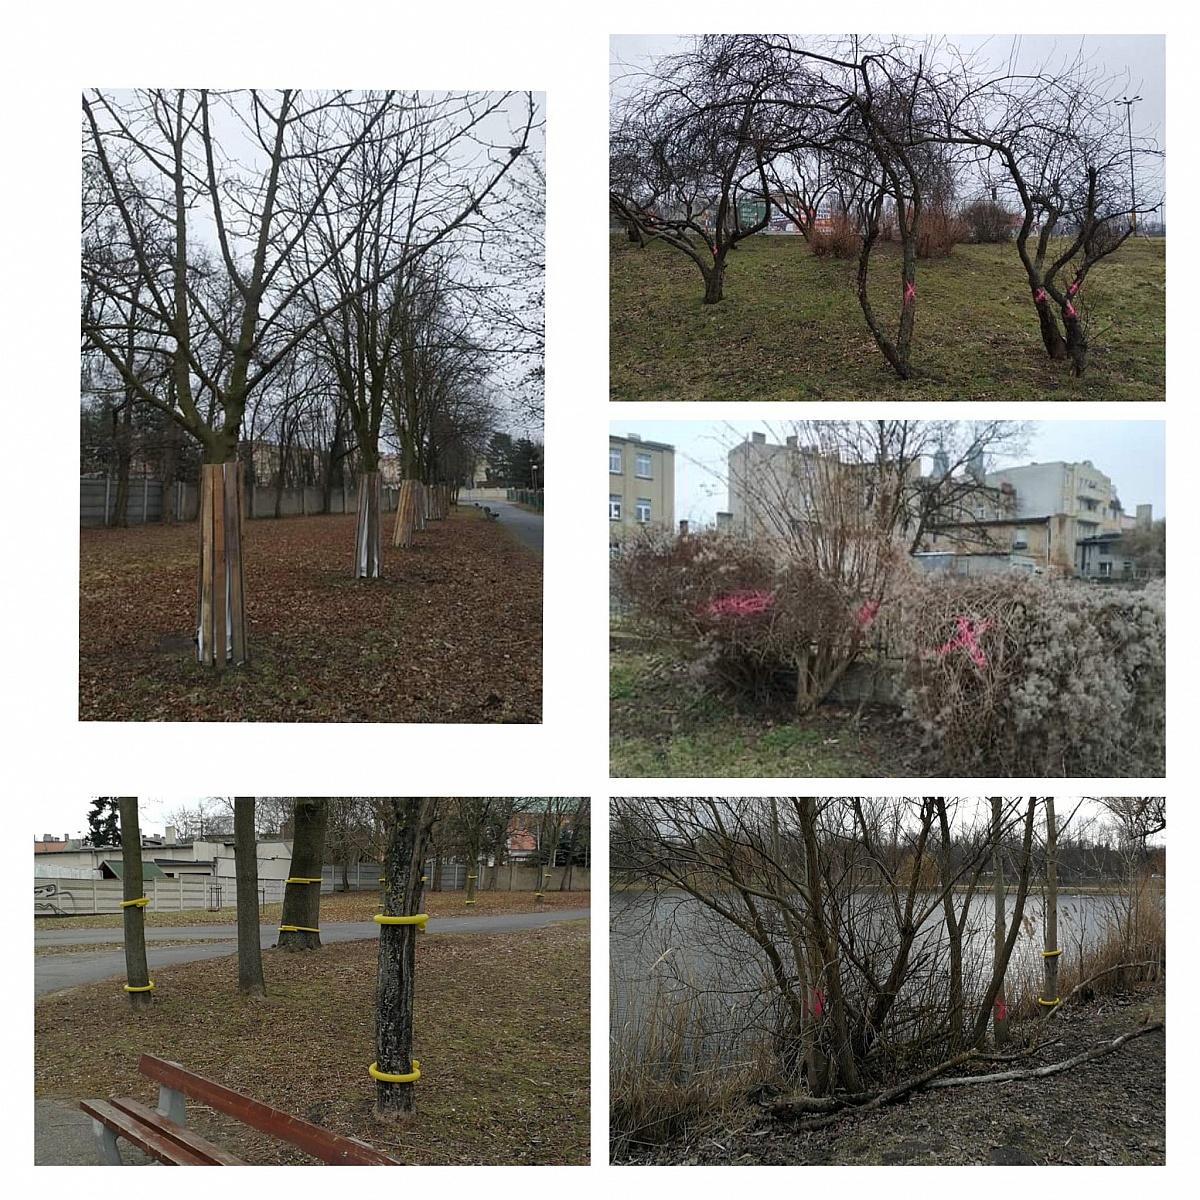 Ruszyła rewitalizacja Wenecji! Wyciętych zostanie prawie 700 drzew! Dlaczego?